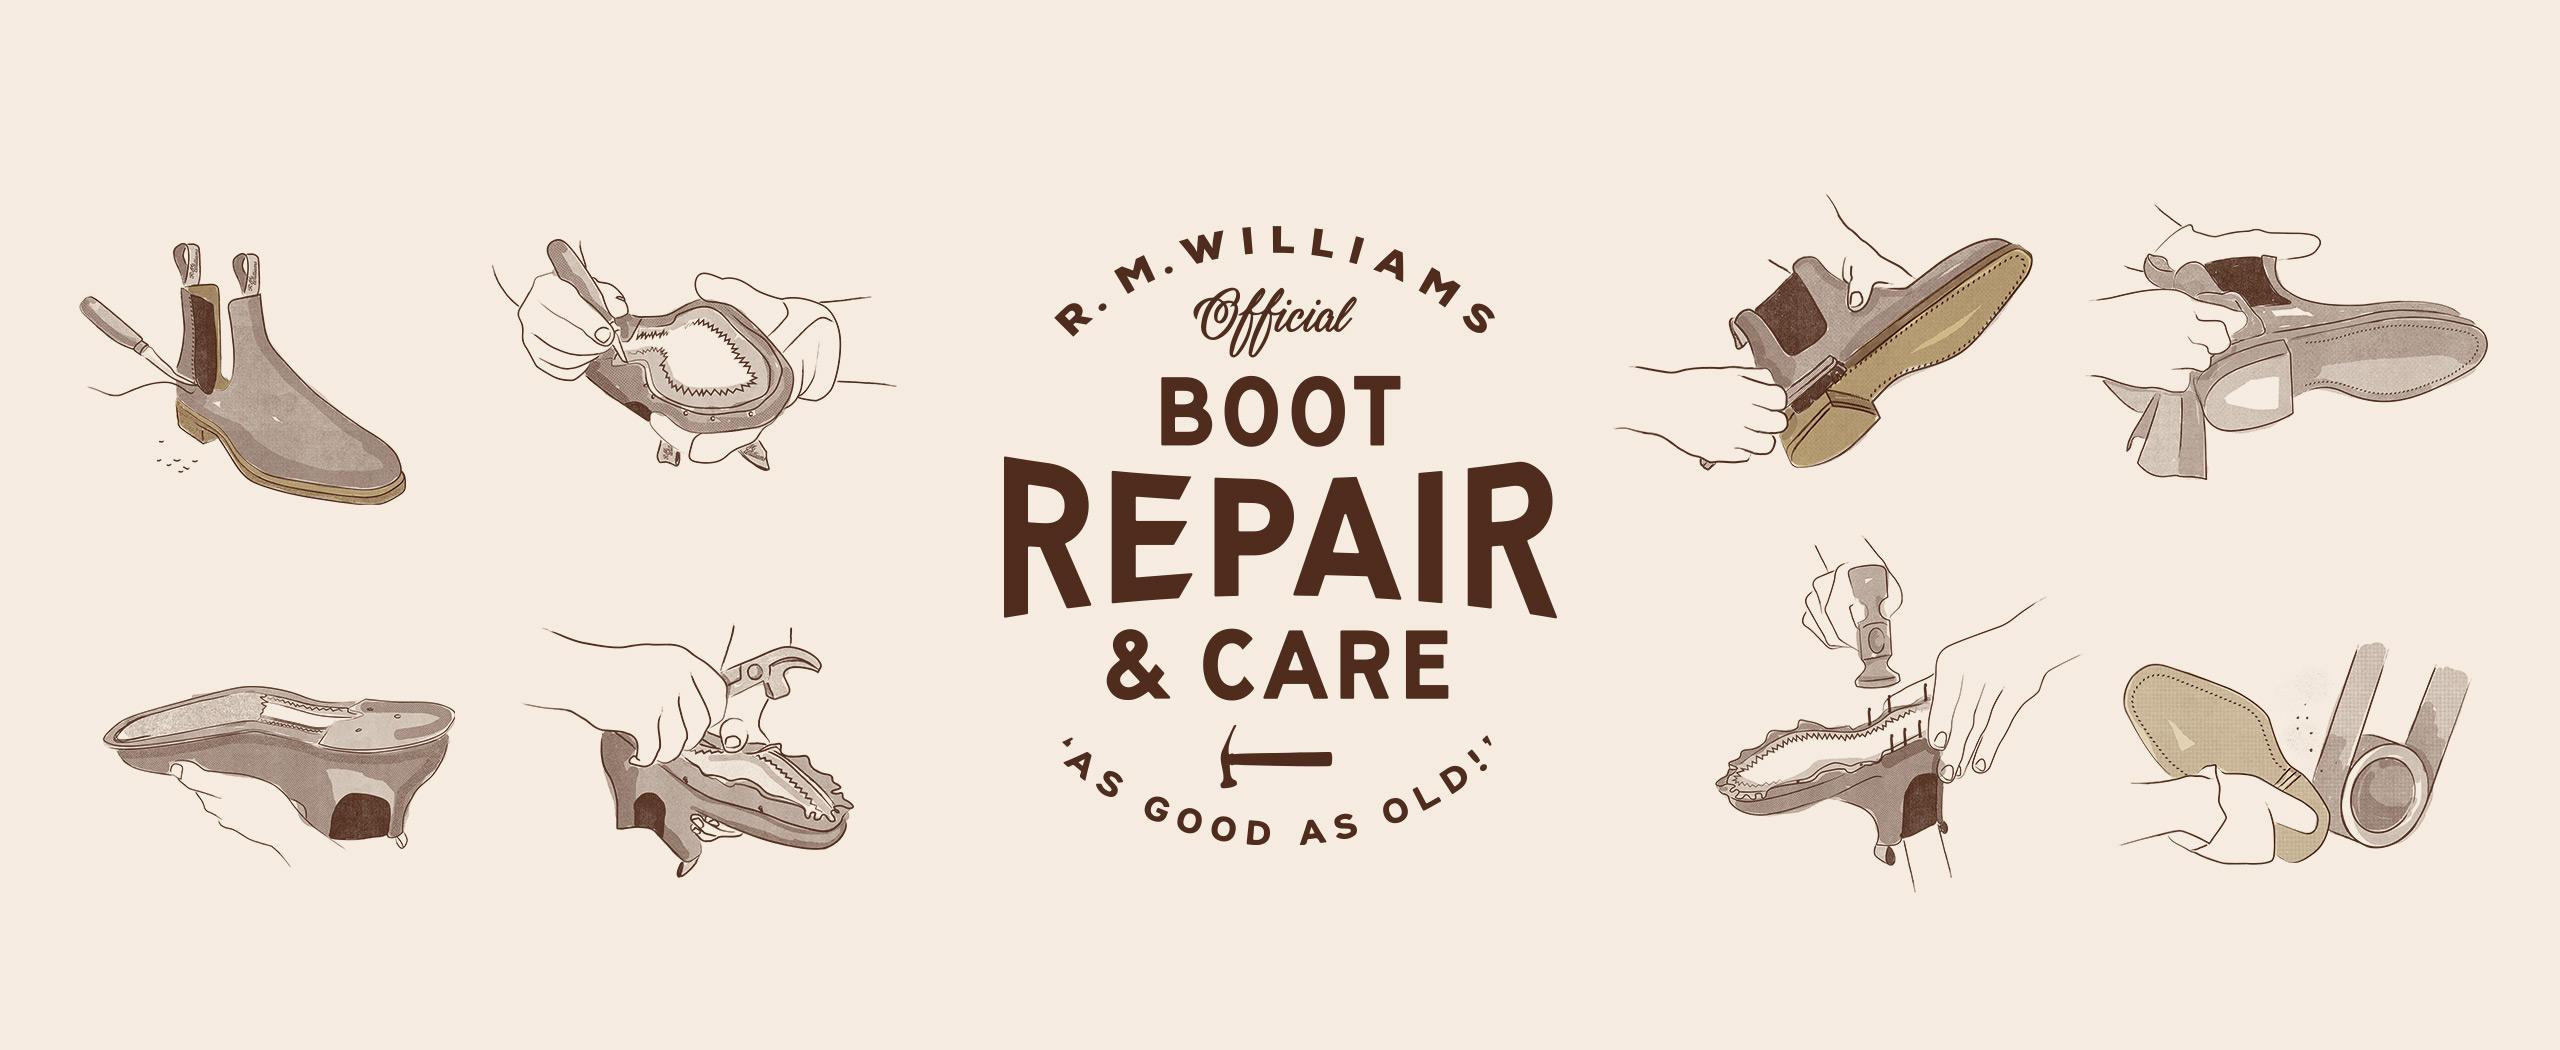 Repair and care